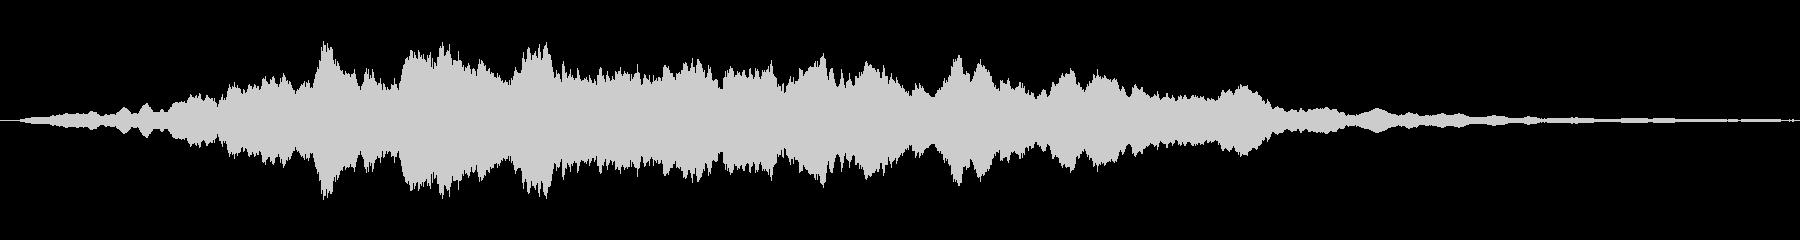 鋭い リンギングブリッター04の未再生の波形